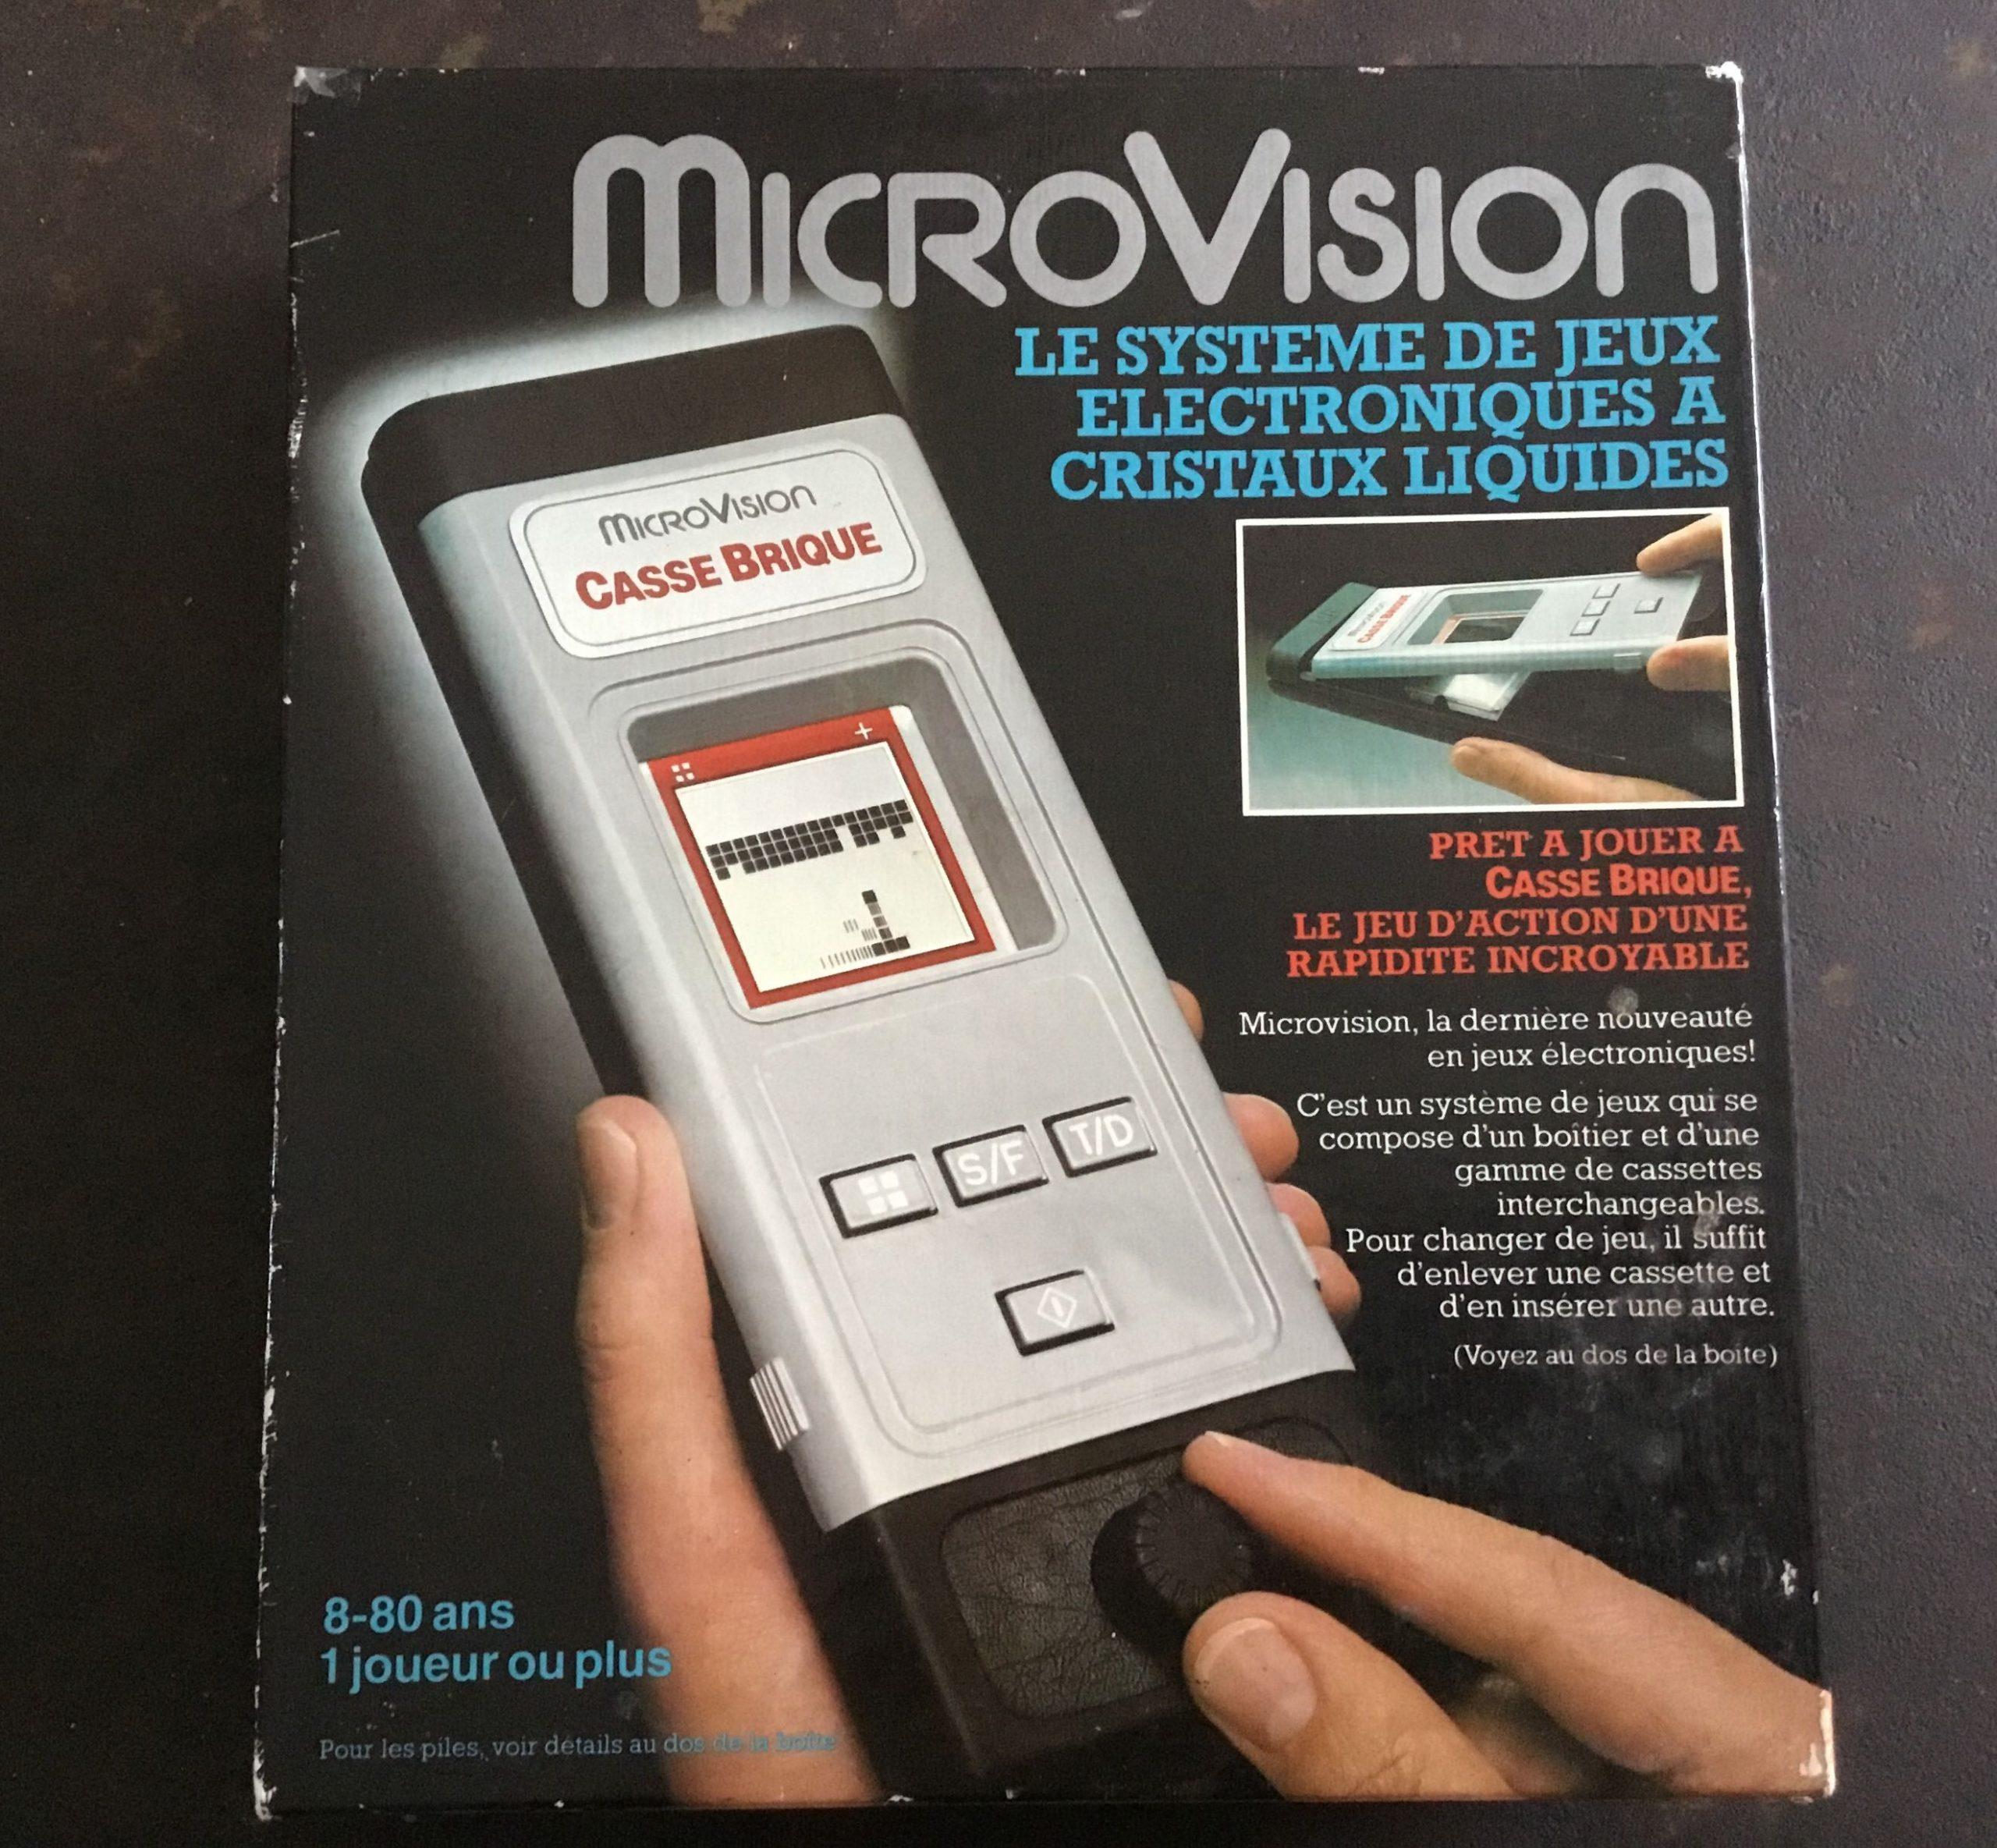 Micro Vision 1979 Mb Casse Brique | Casse Brique, Jeux concernant Jeu Casse Brique